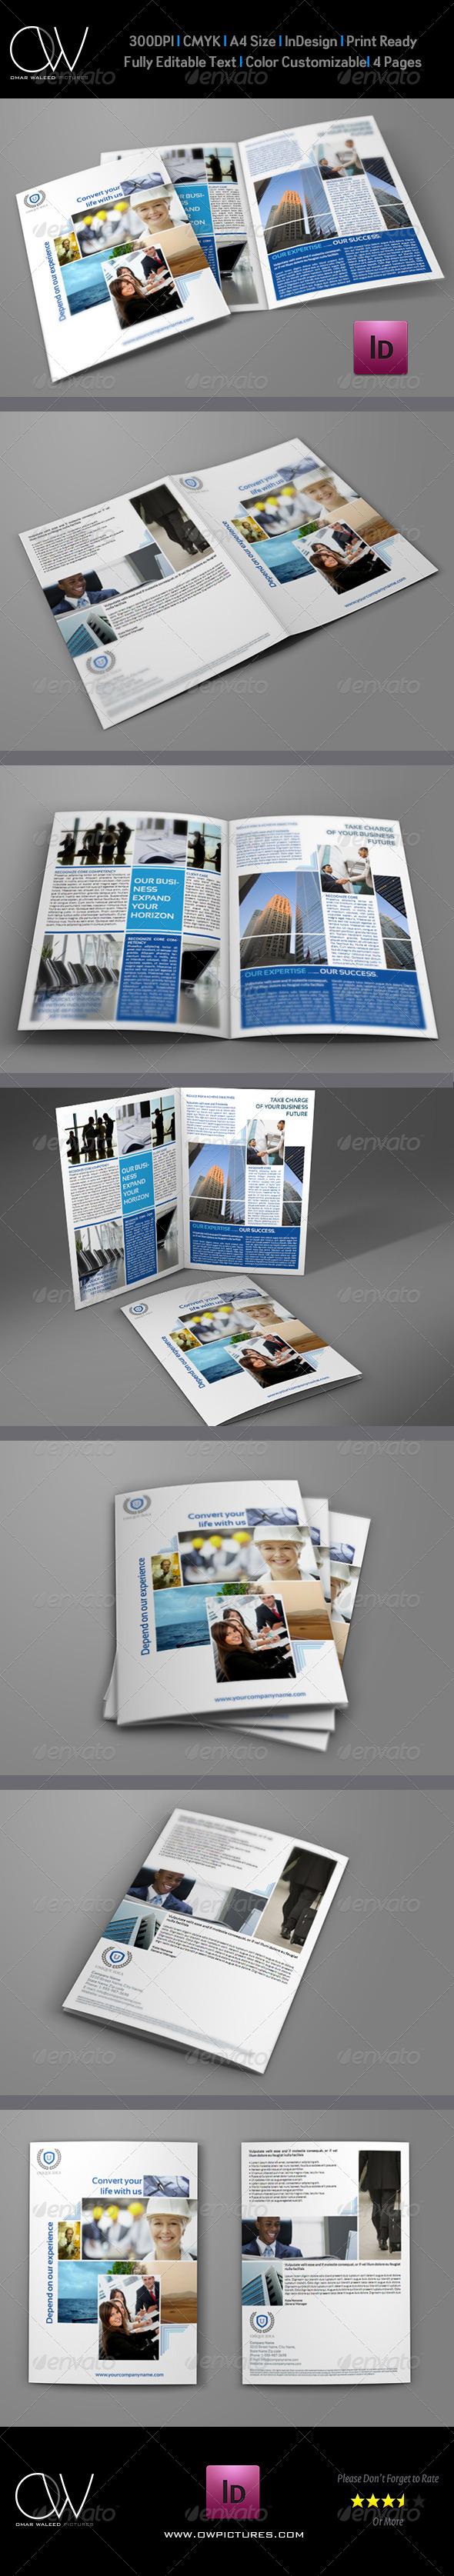 GraphicRiver Company Brochure Bi-Fold Template Vol.4 6207463